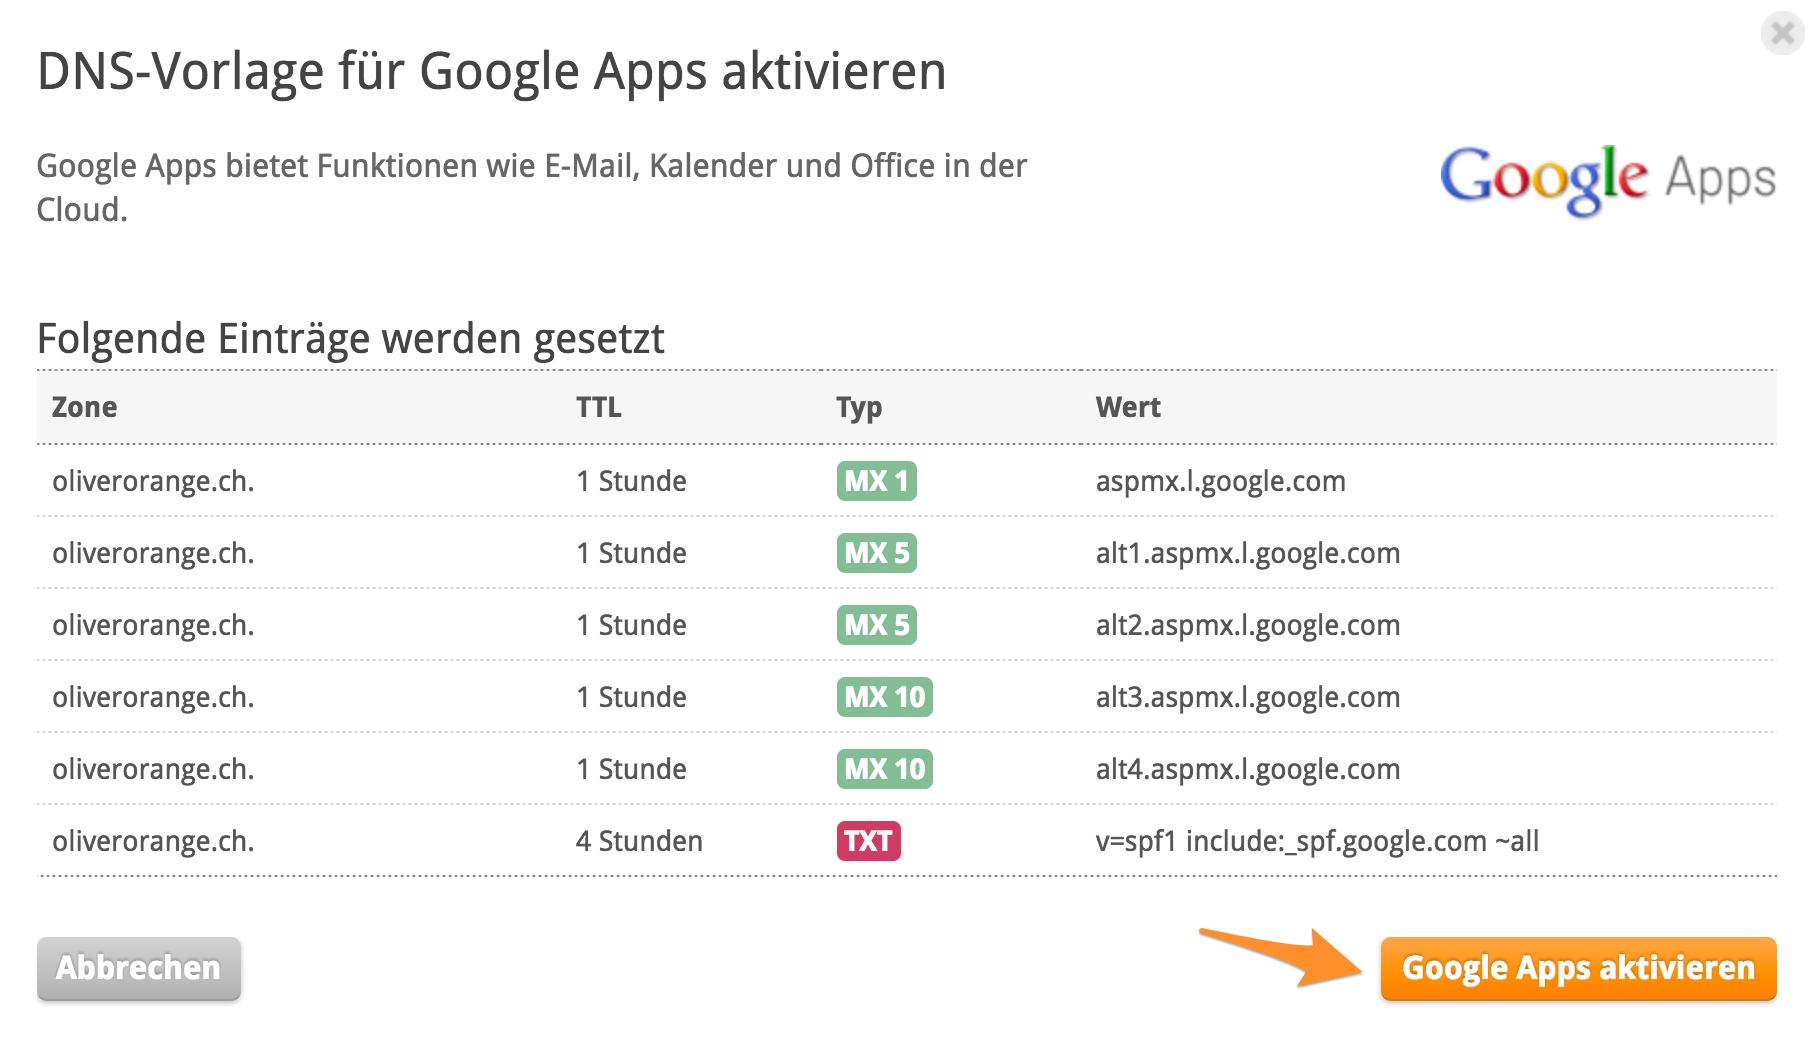 Wie kann ich Google Apps mit meiner Domain verwenden?